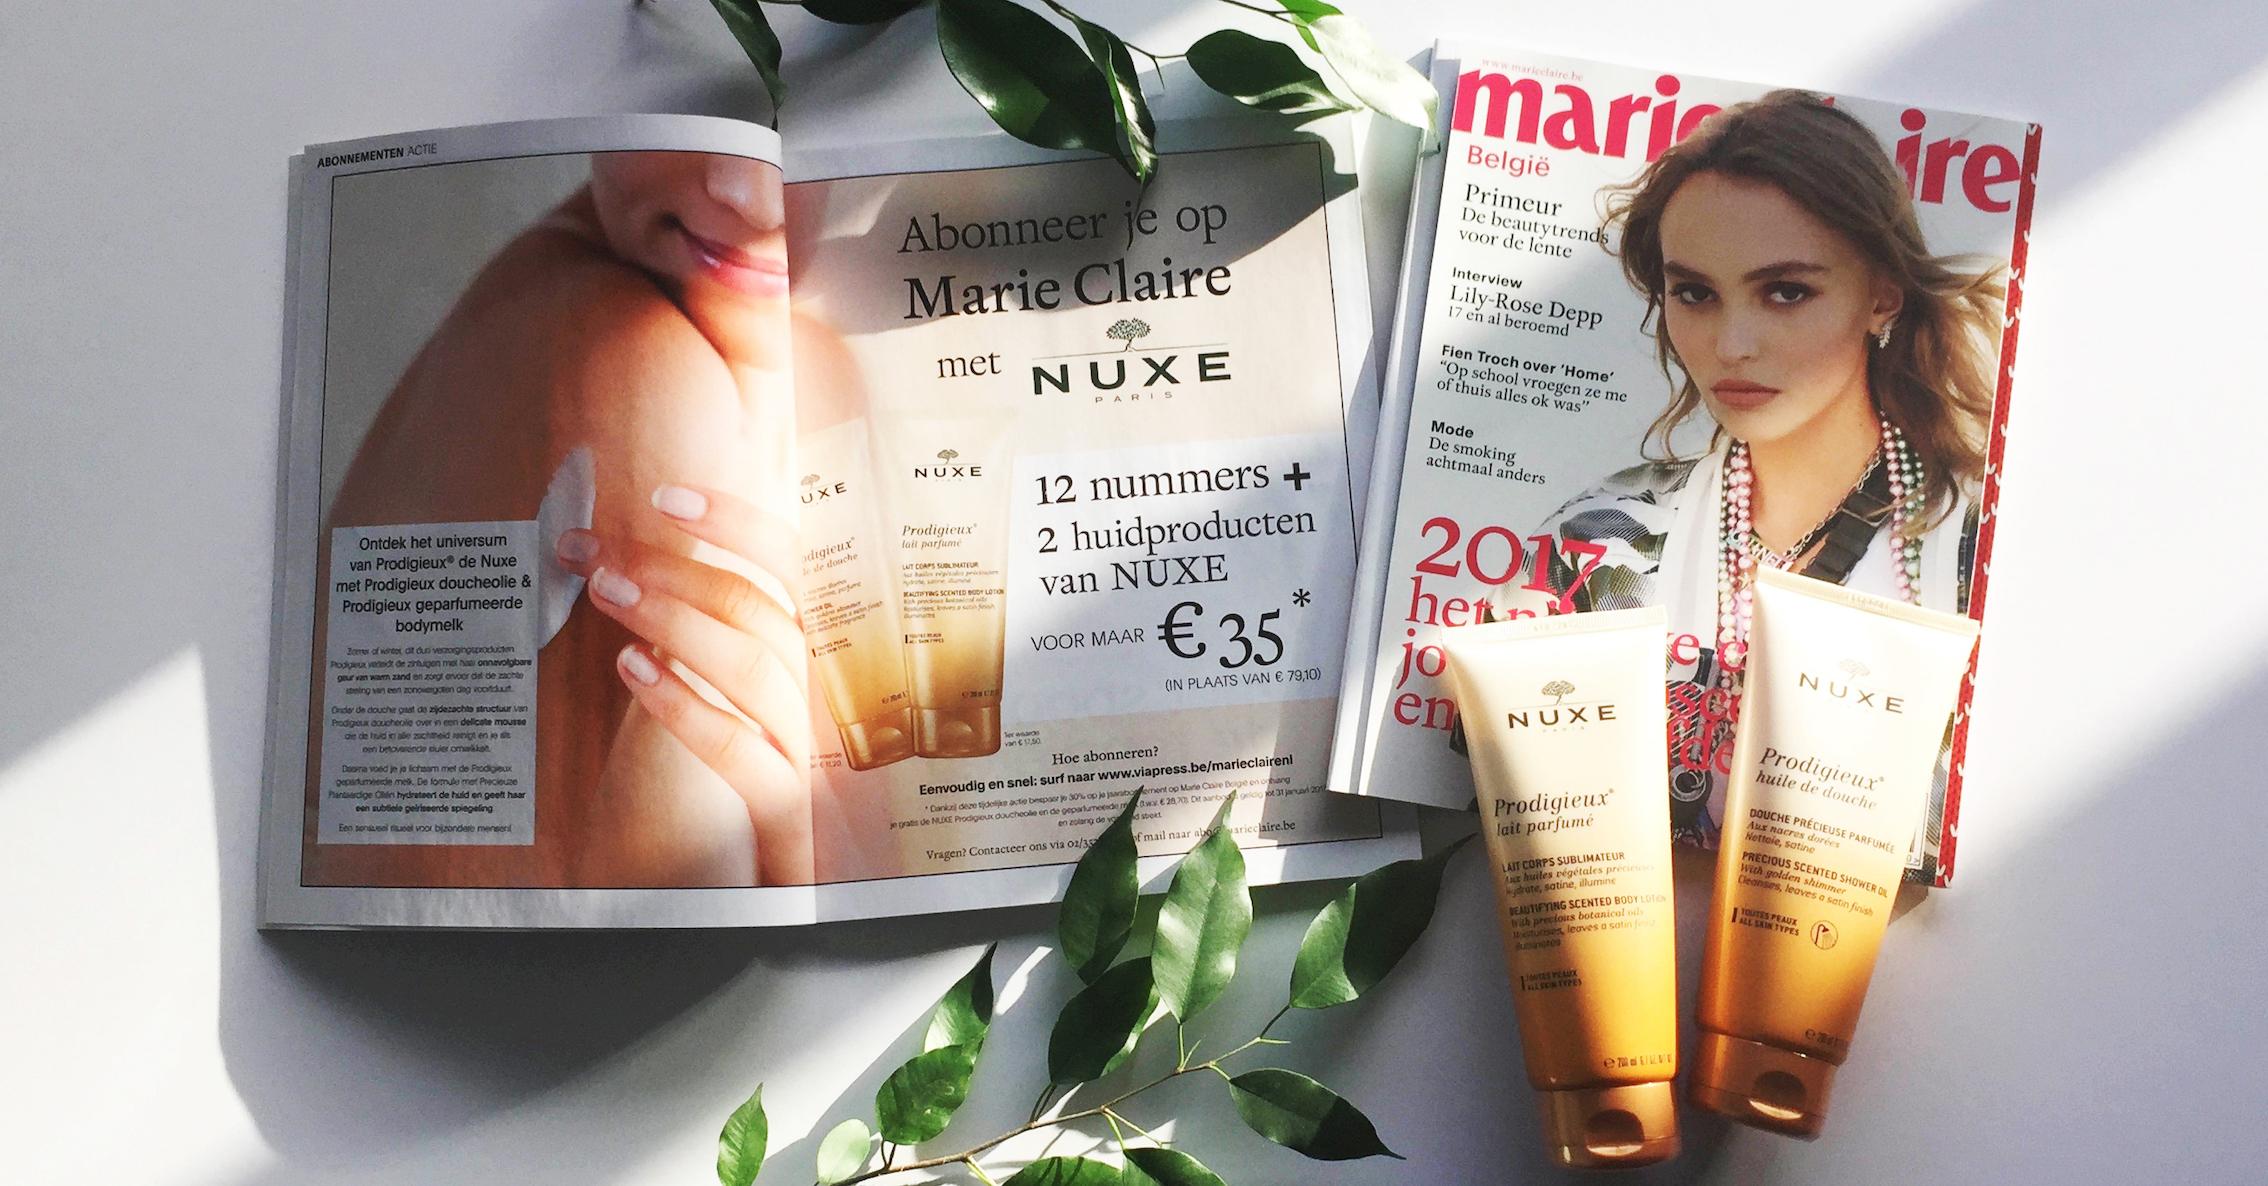 Deze maand jouw marie claire abonnement 2 gratis nuxe for Marie claire belgie